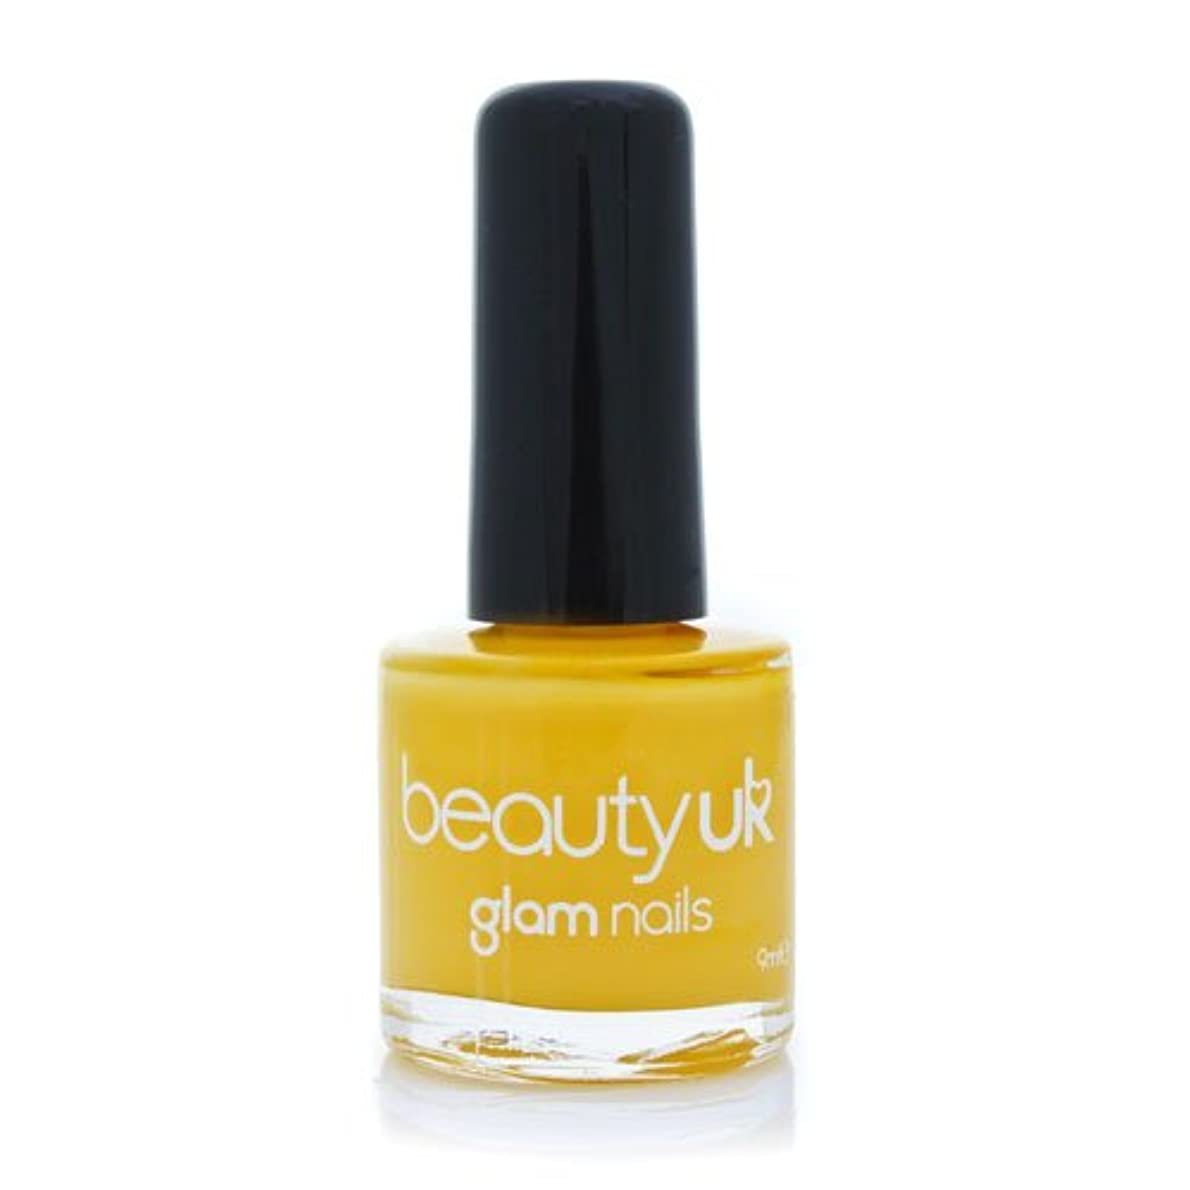 たくさん気をつけてマキシムBeauty Uk Glam Nails No36 Yellow Peril 9ml [並行輸入品]